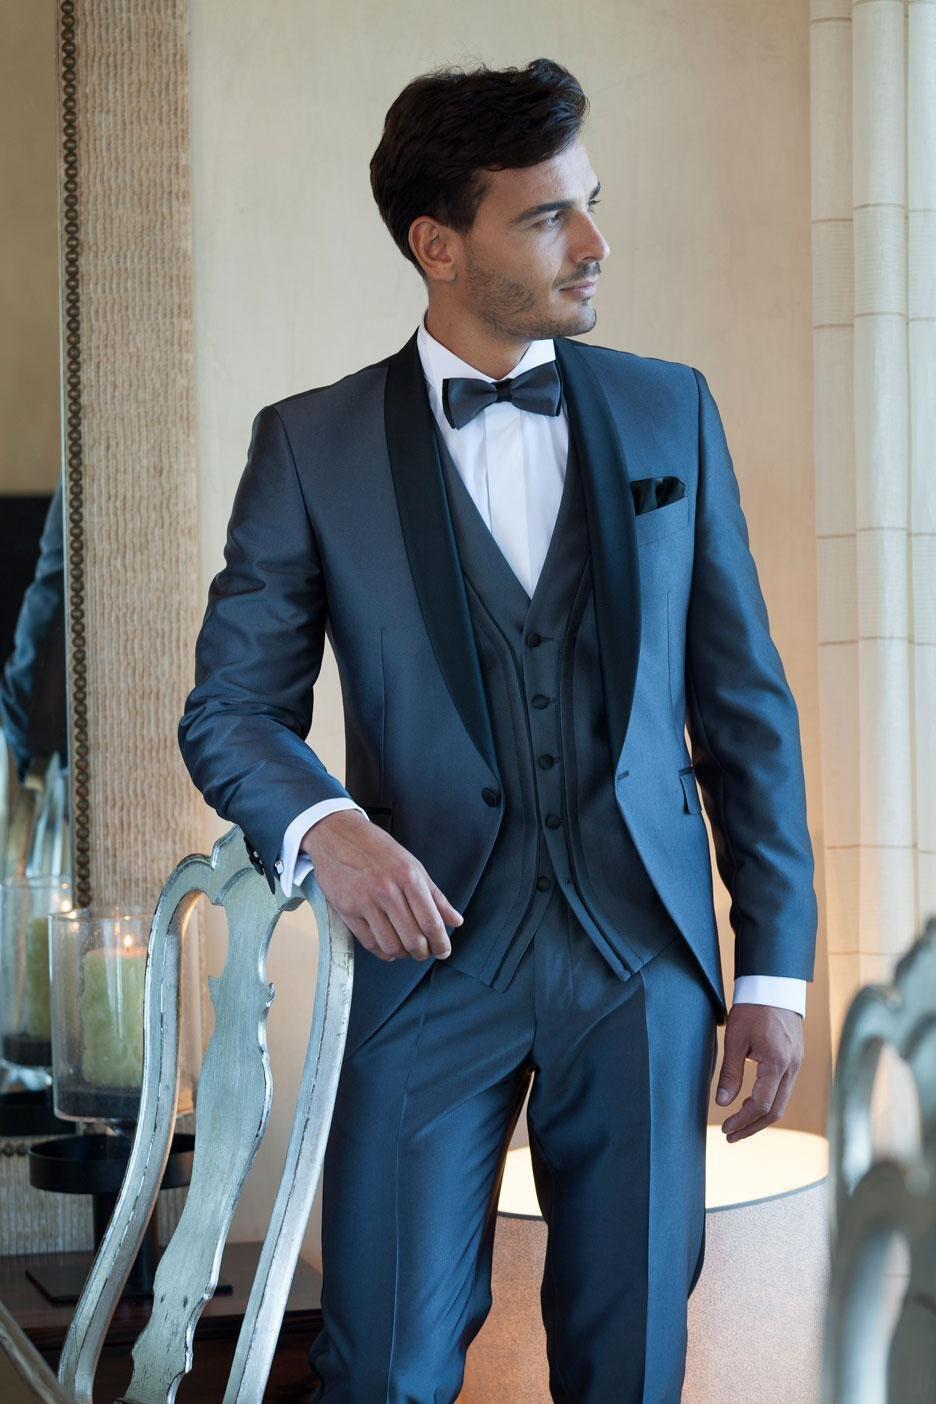 Venta caliente barato azul marino trajes para hombre personalizados - Ropa de hombre - foto 5